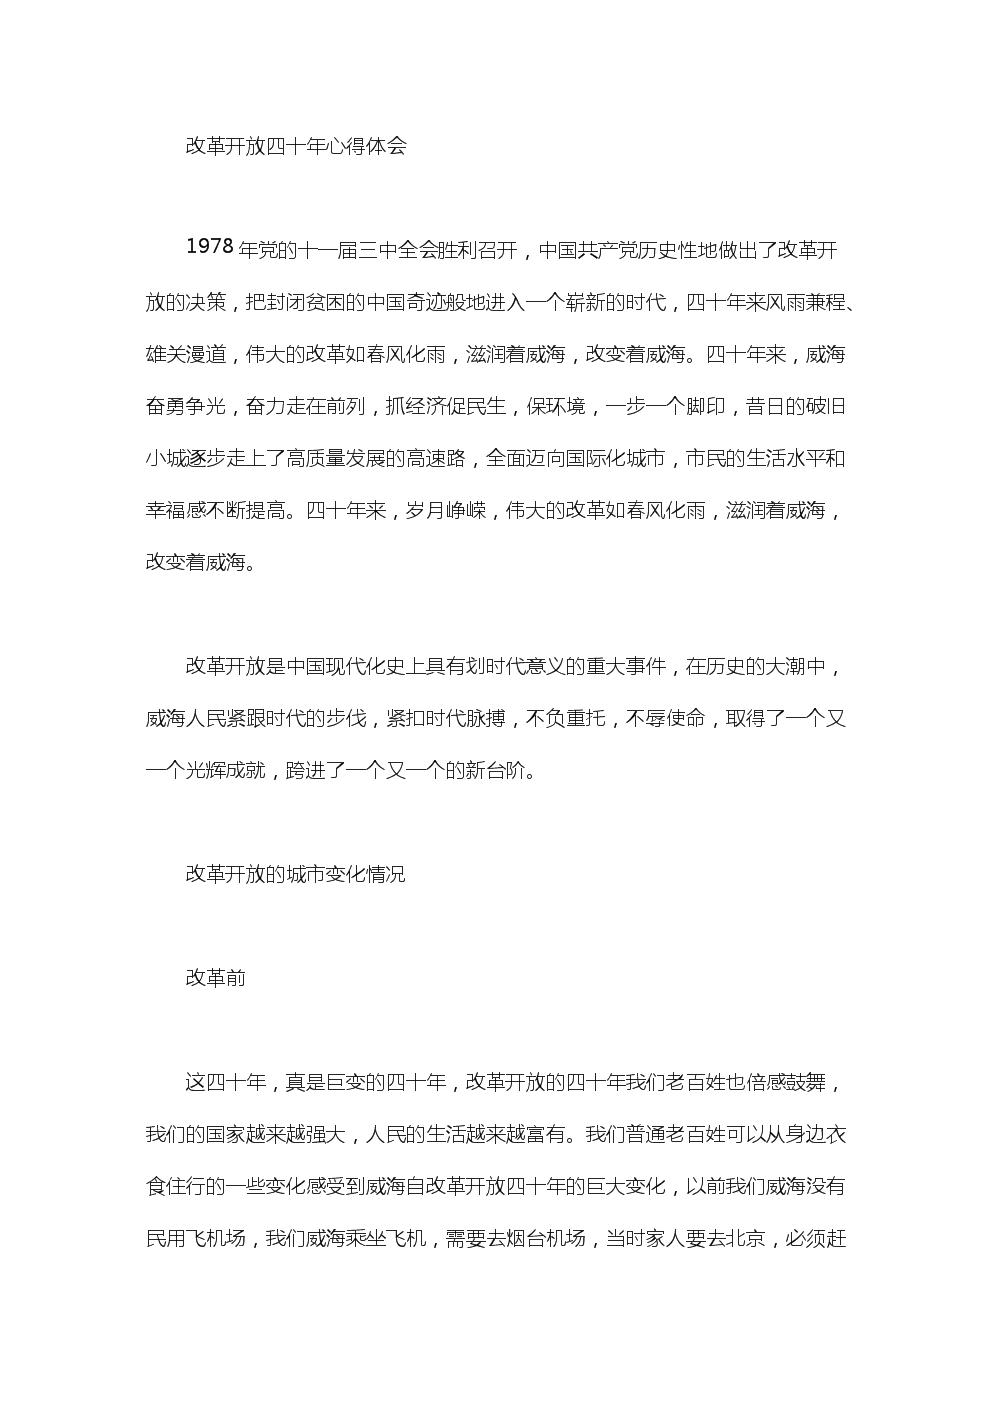 2020年改革开放四十年心得体会.doc